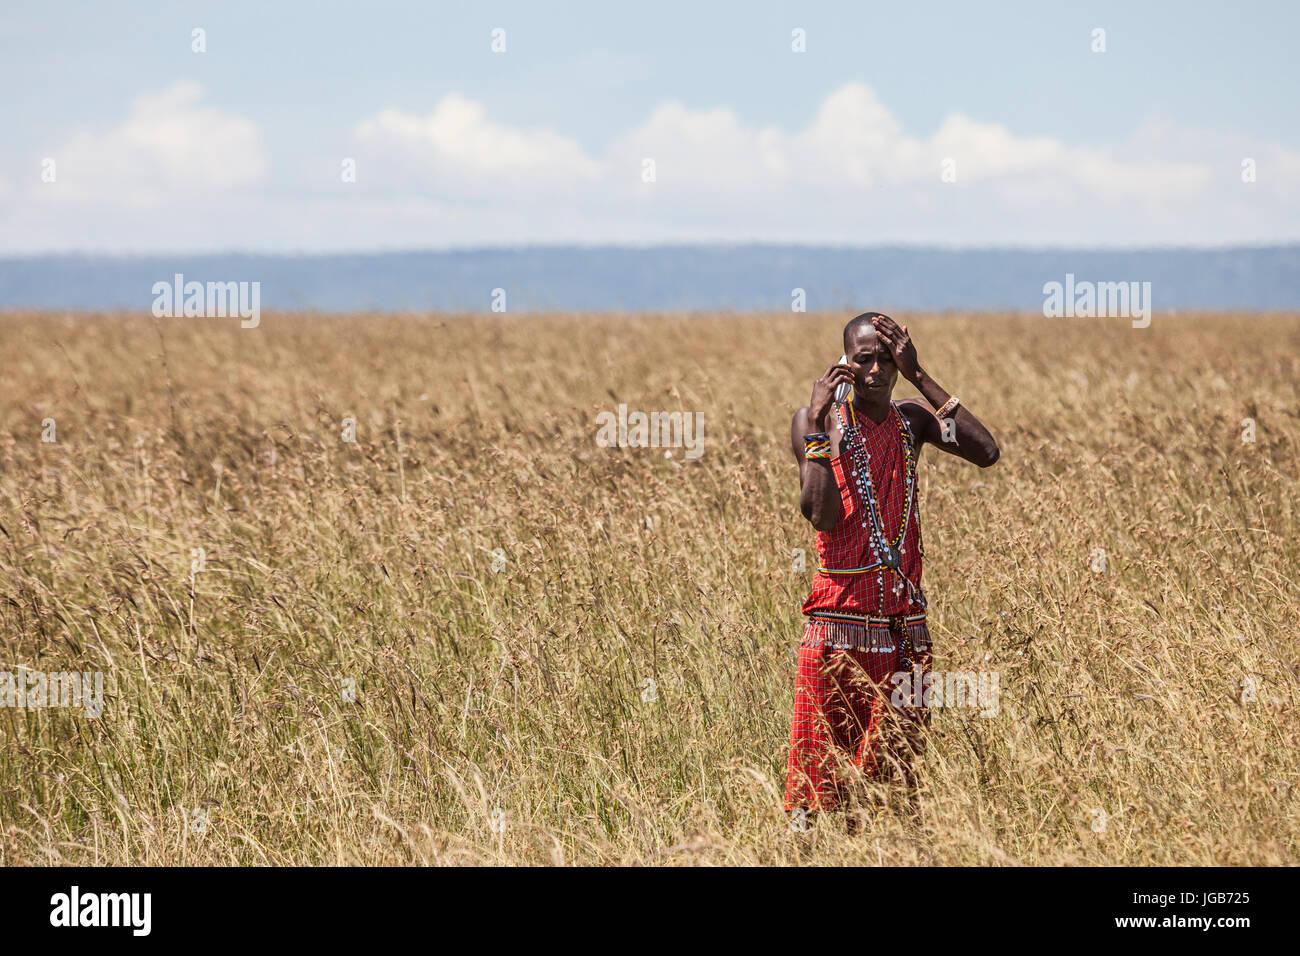 Guerrero Masai hablando por teléfono en la sabana de Masai Mara, Kenya. Foto de stock